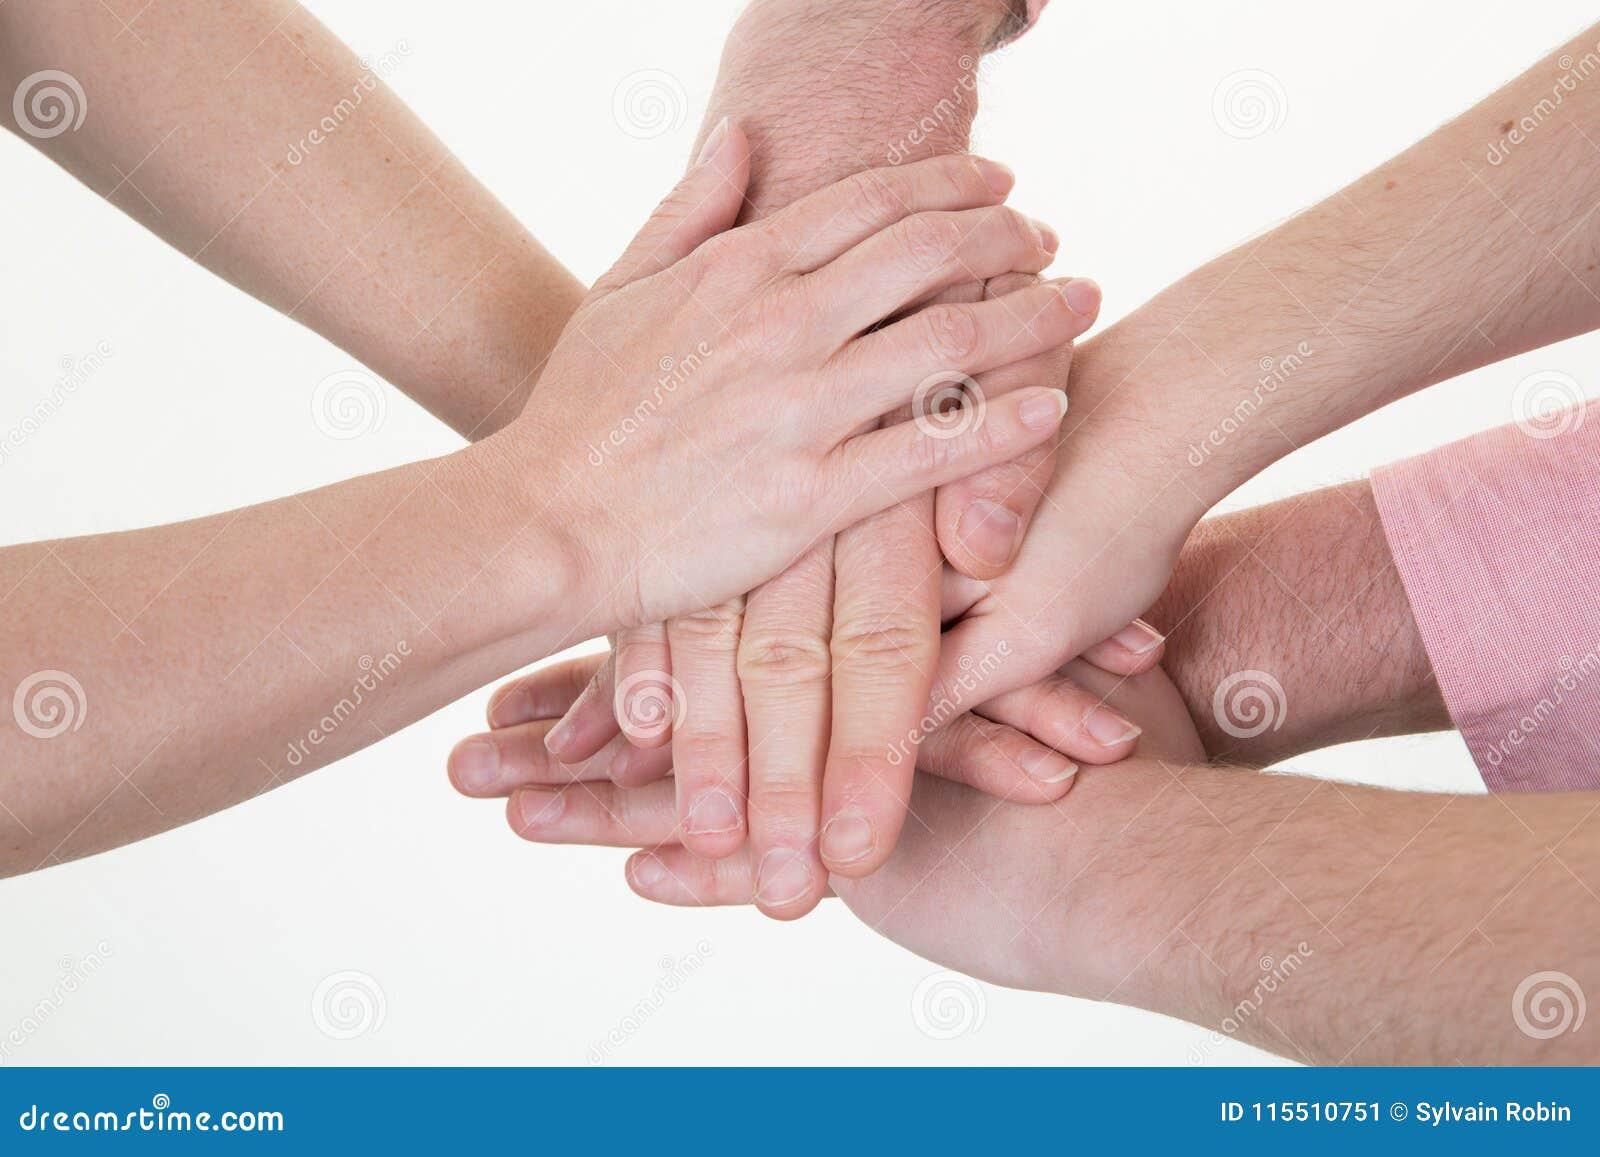 Διαφορετικά χέρια ομάδας που συμμετέχουν μαζί στη συνεδρίαση της συμμαχίας ένωσης έννοιας